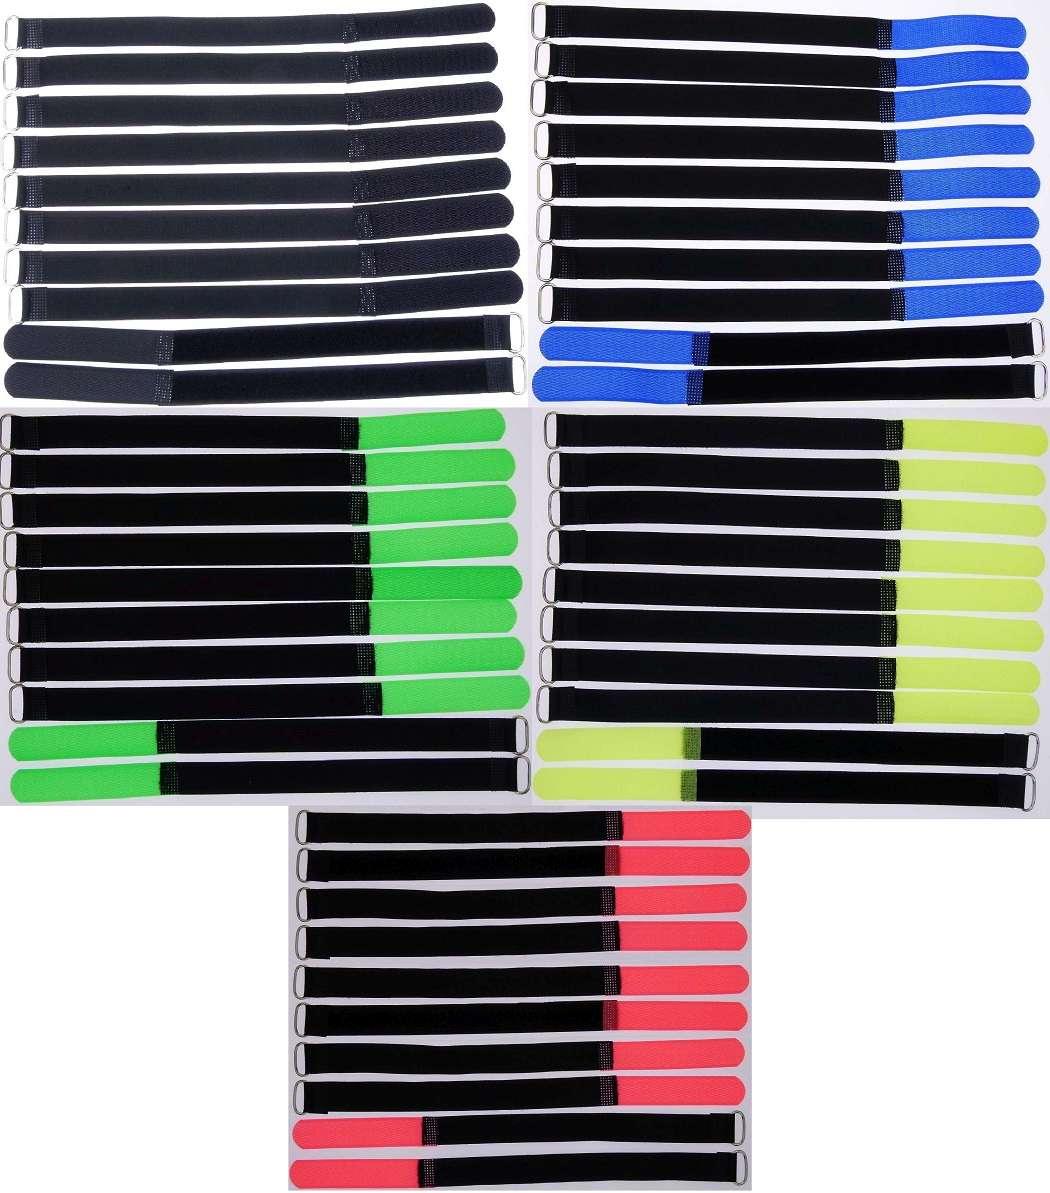 20x Kabelklett Klettband 200 x 20 mm neon grün Klett Kabelbinder Klettbänder Öse